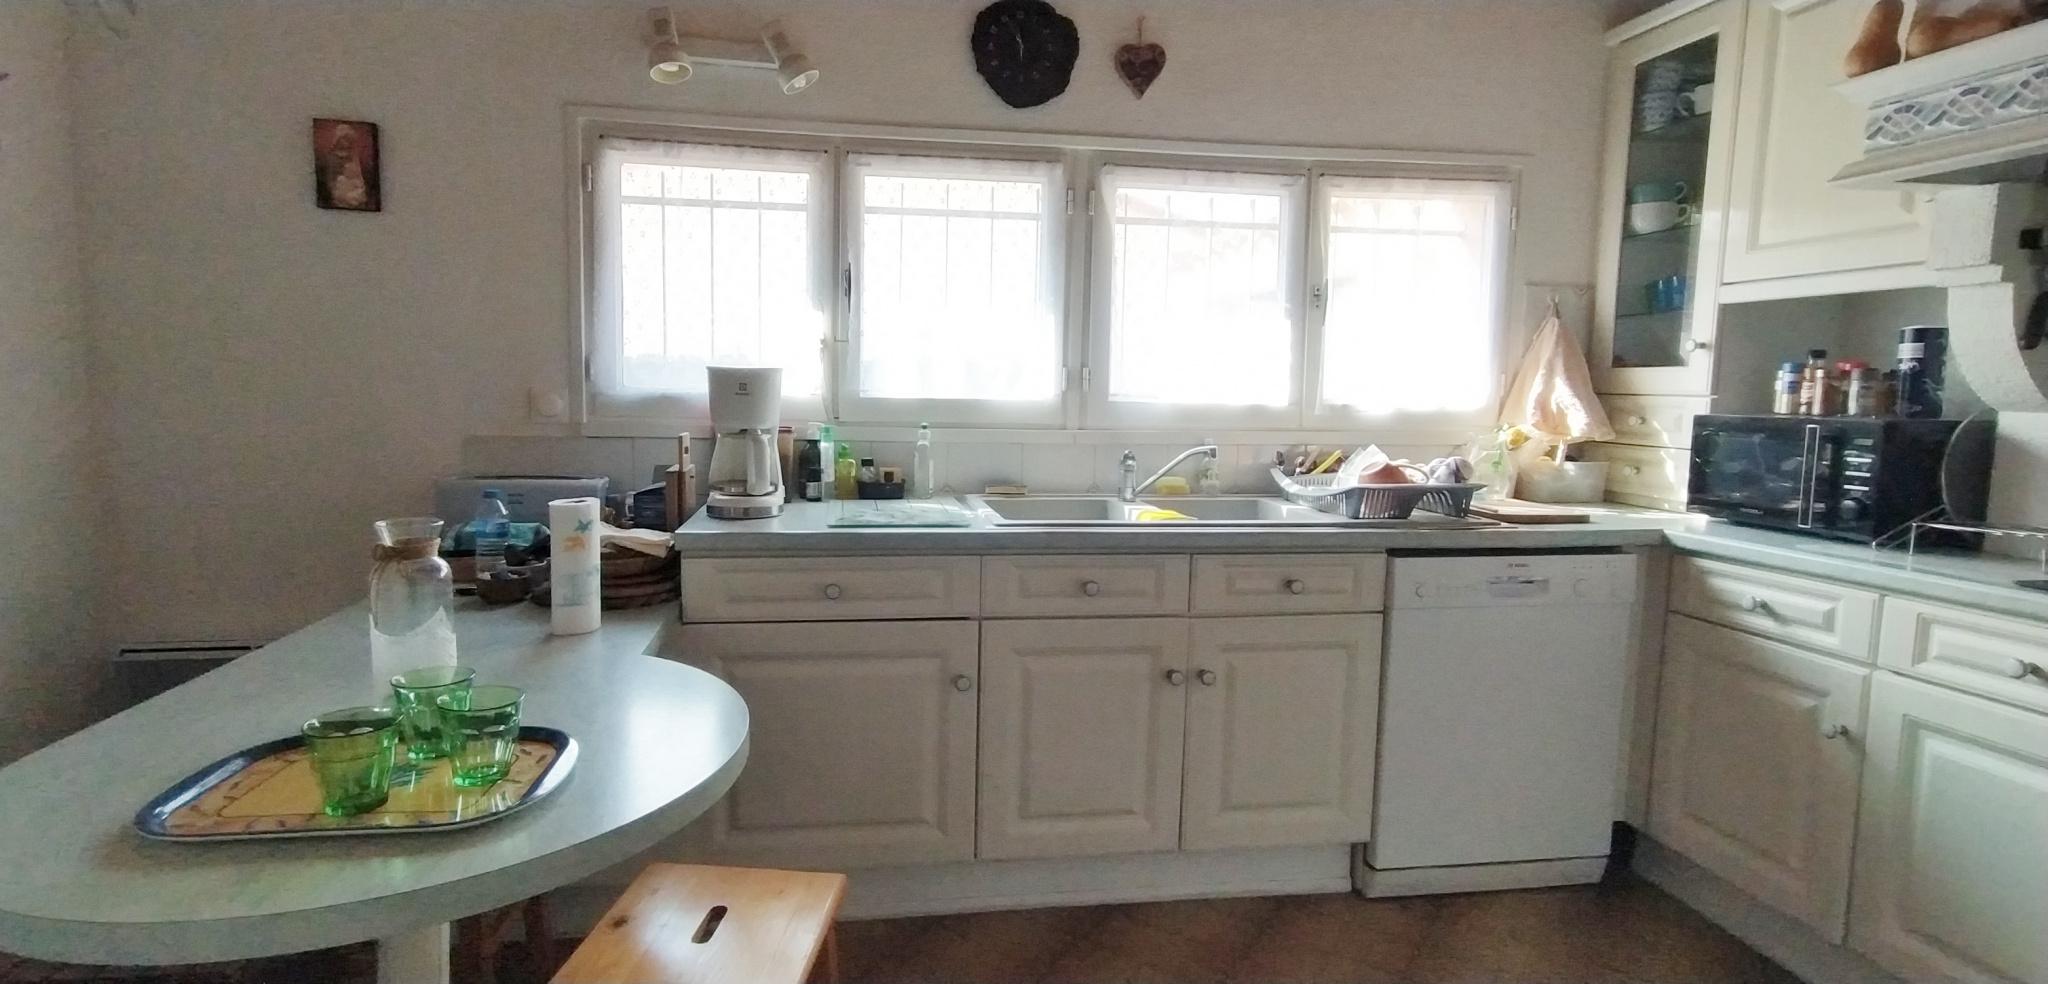 À vendre maison/villa de 140m2 à argeles sur mer (66700) - Photo 14'